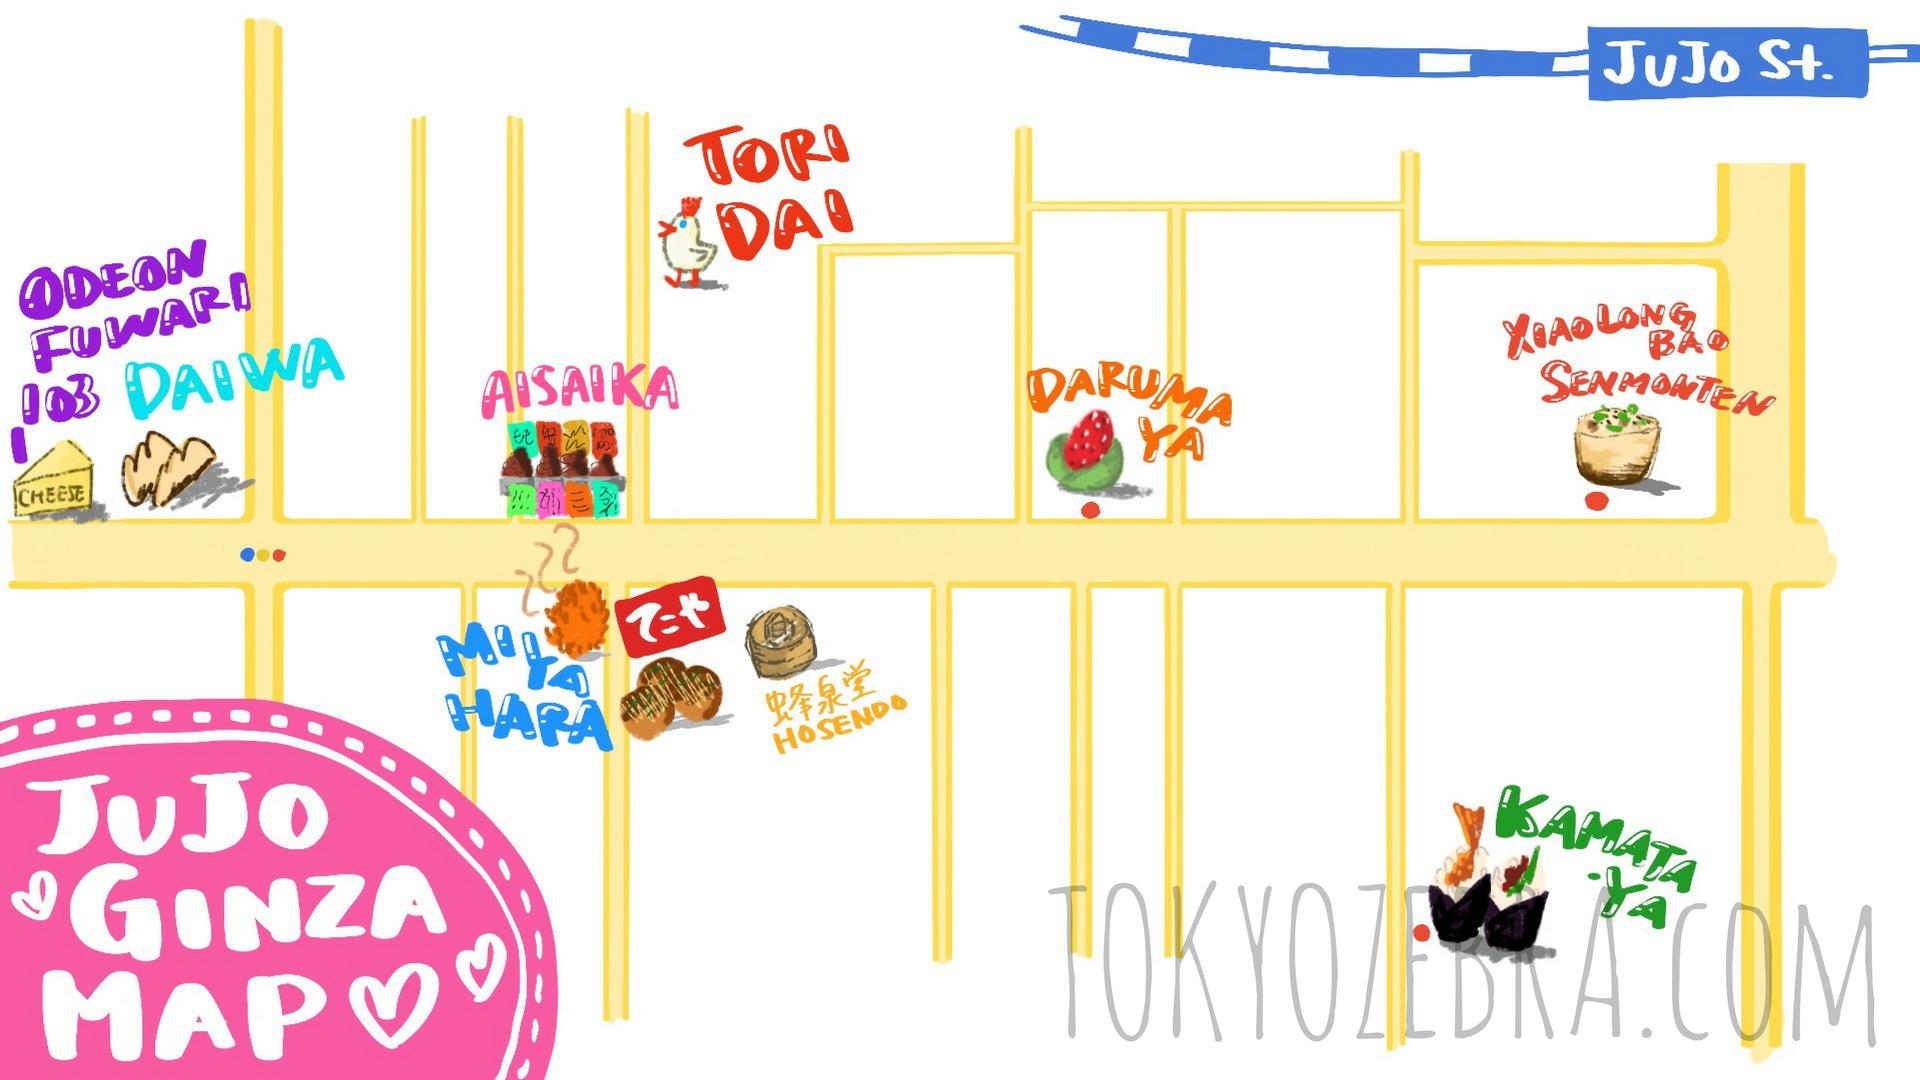 十条銀座商店街 食べ歩き マップ